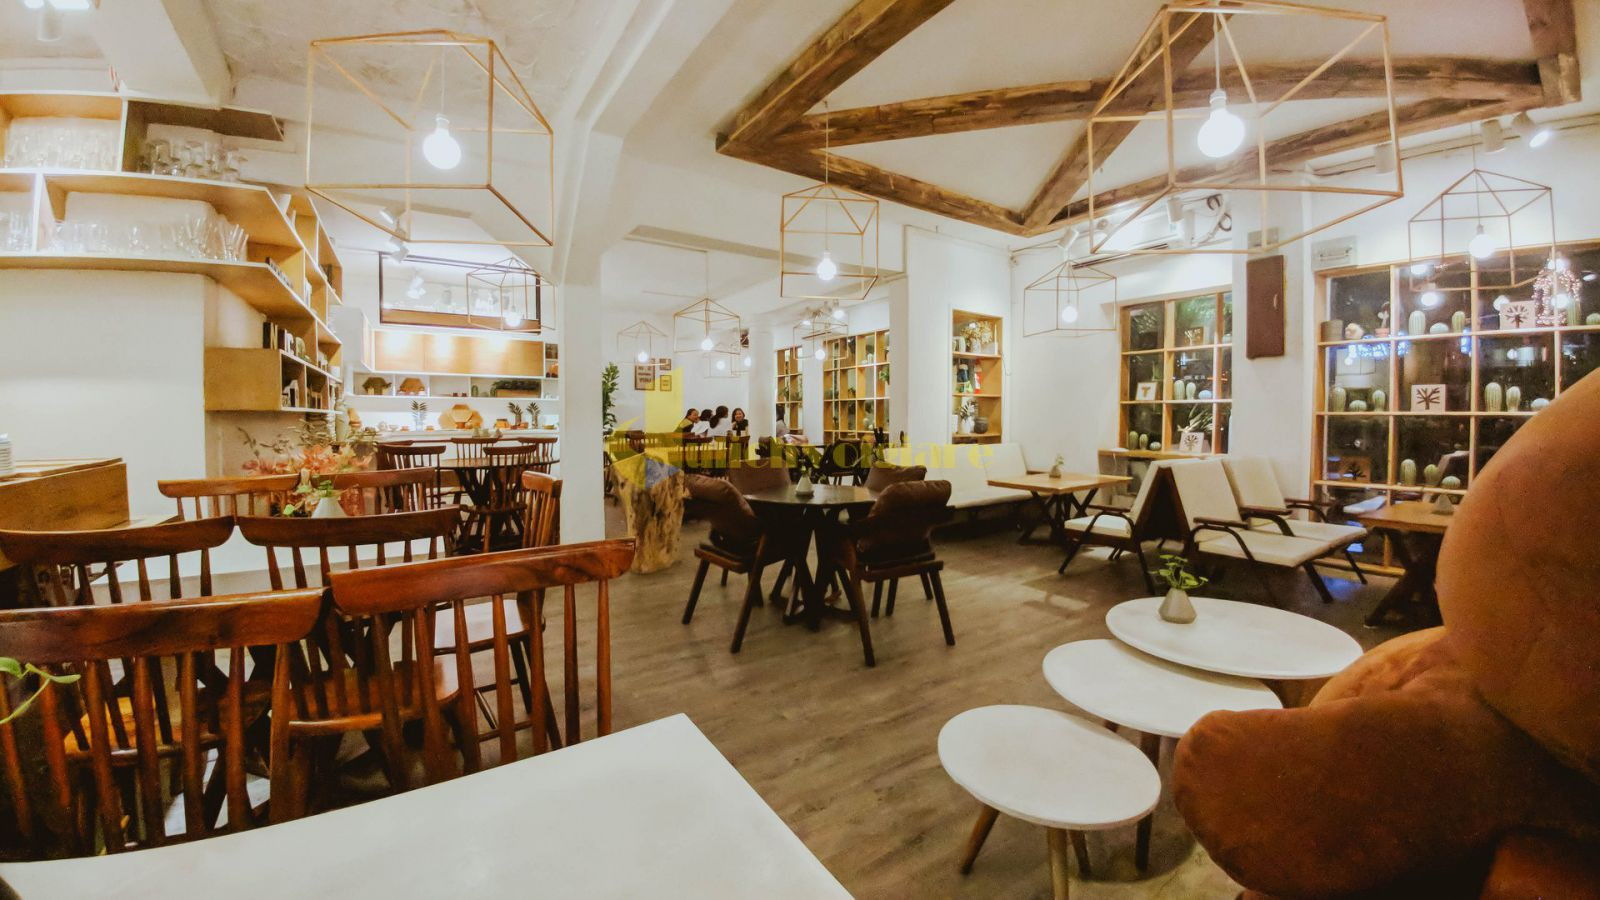 khong-gian-noi-that-quan-chanchamayo Check in ngay 9 quán cà phê đẹp ở Sài Gòn đang là địa điểm sống ảo hot nhất hiện nay.